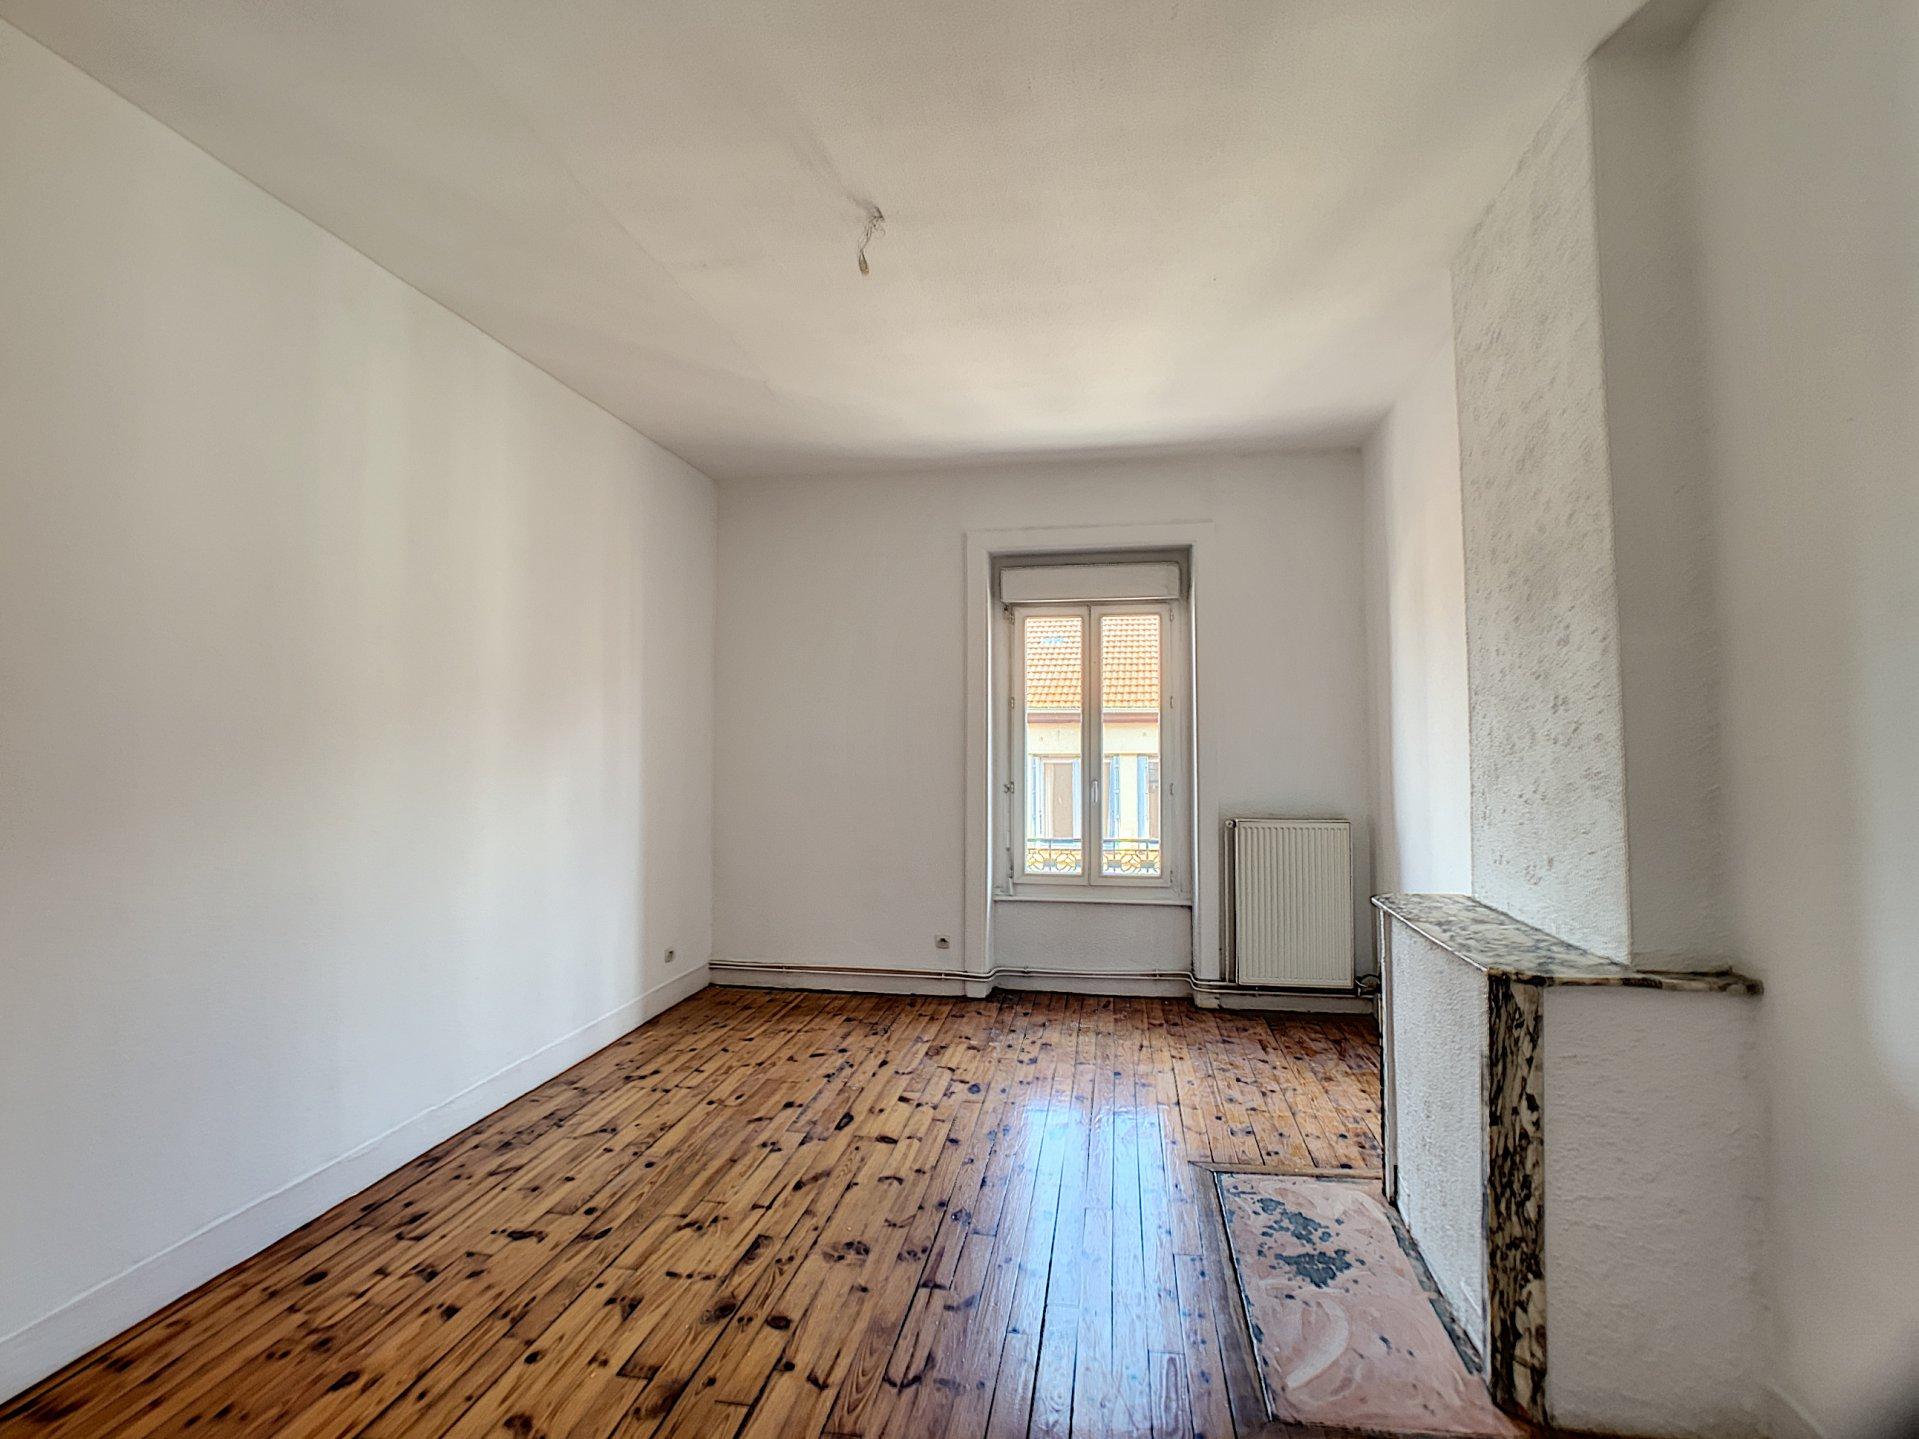 SOLEIL APPARTEMENT 115 m² + PARKING